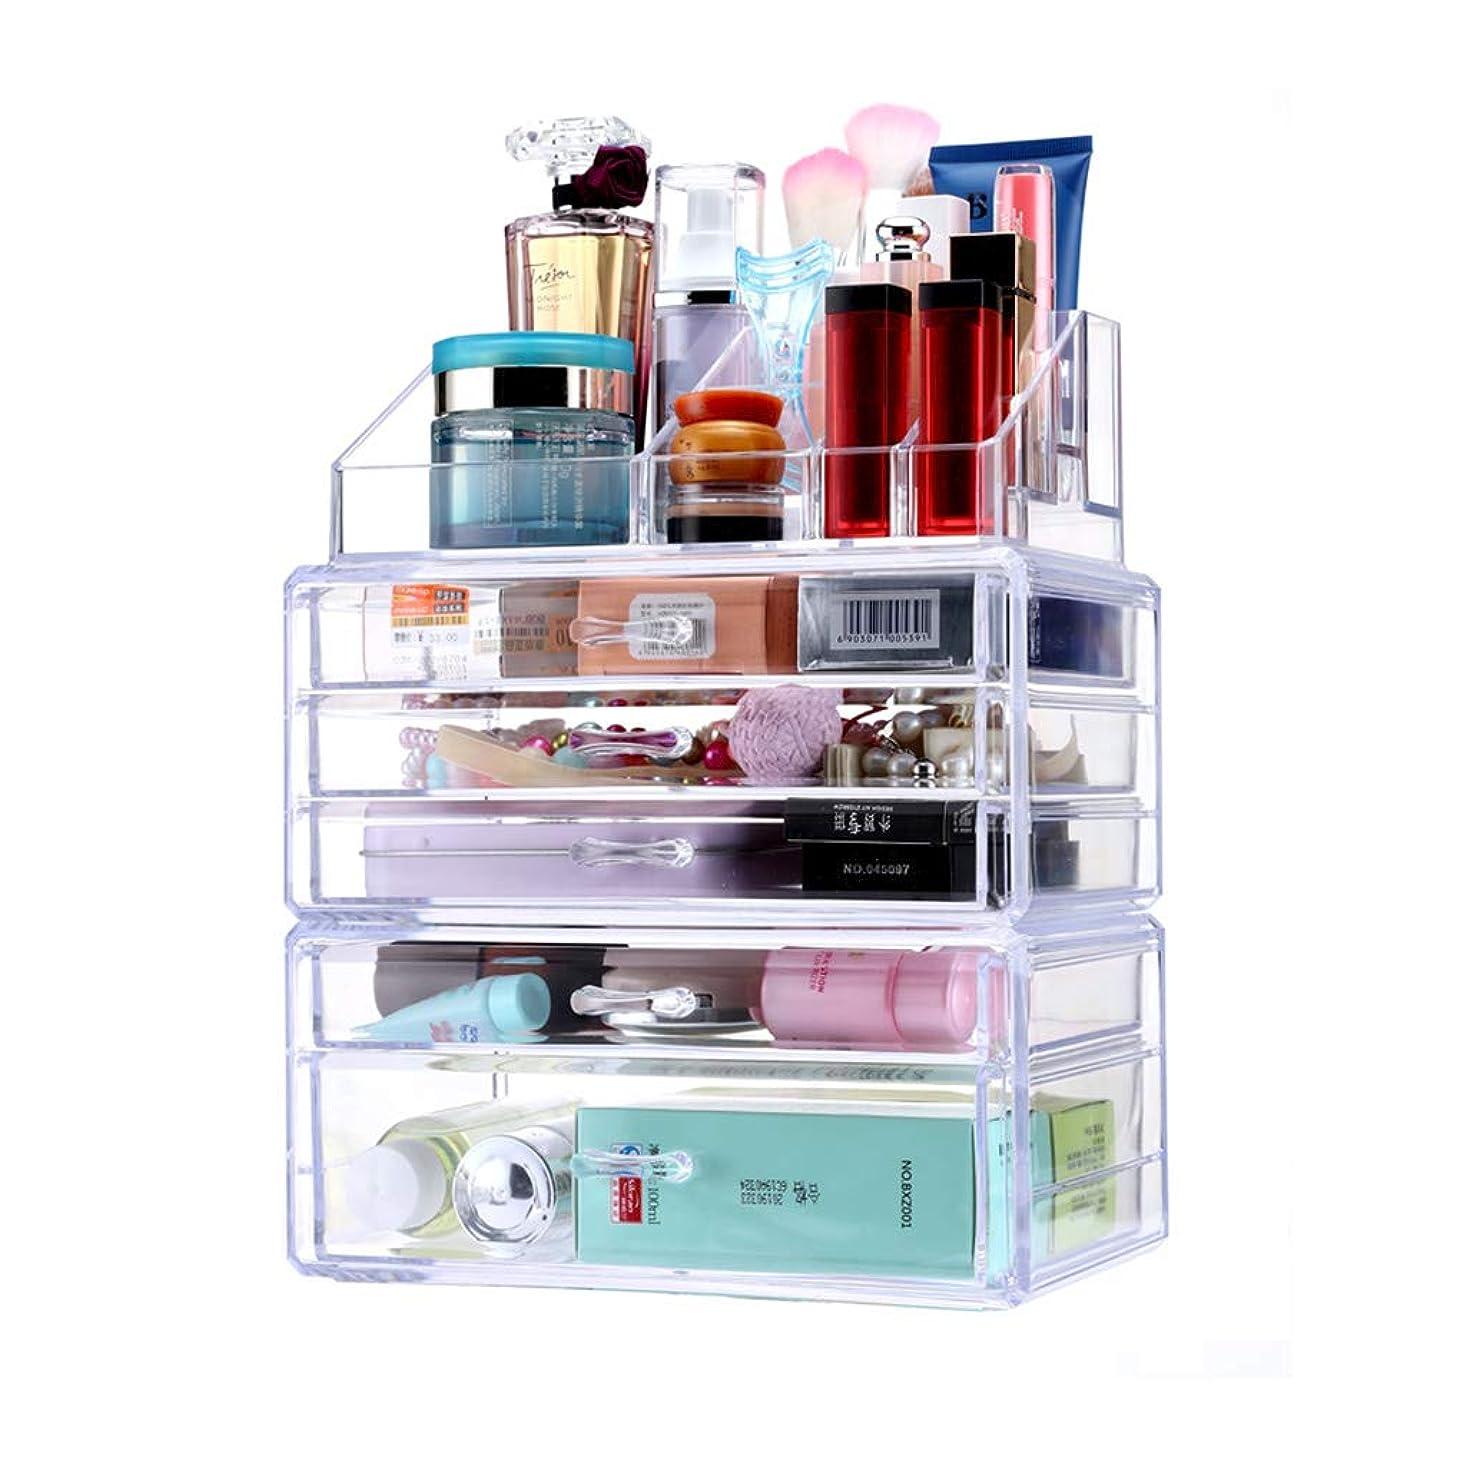 ボイド叱るに勝る化粧品収納ボックス引き出し付きミラープリンセス口紅スキンケアデスクトップ収納化粧ラック (Color : CLEAR, Size : 23.8*13.5*29CM)